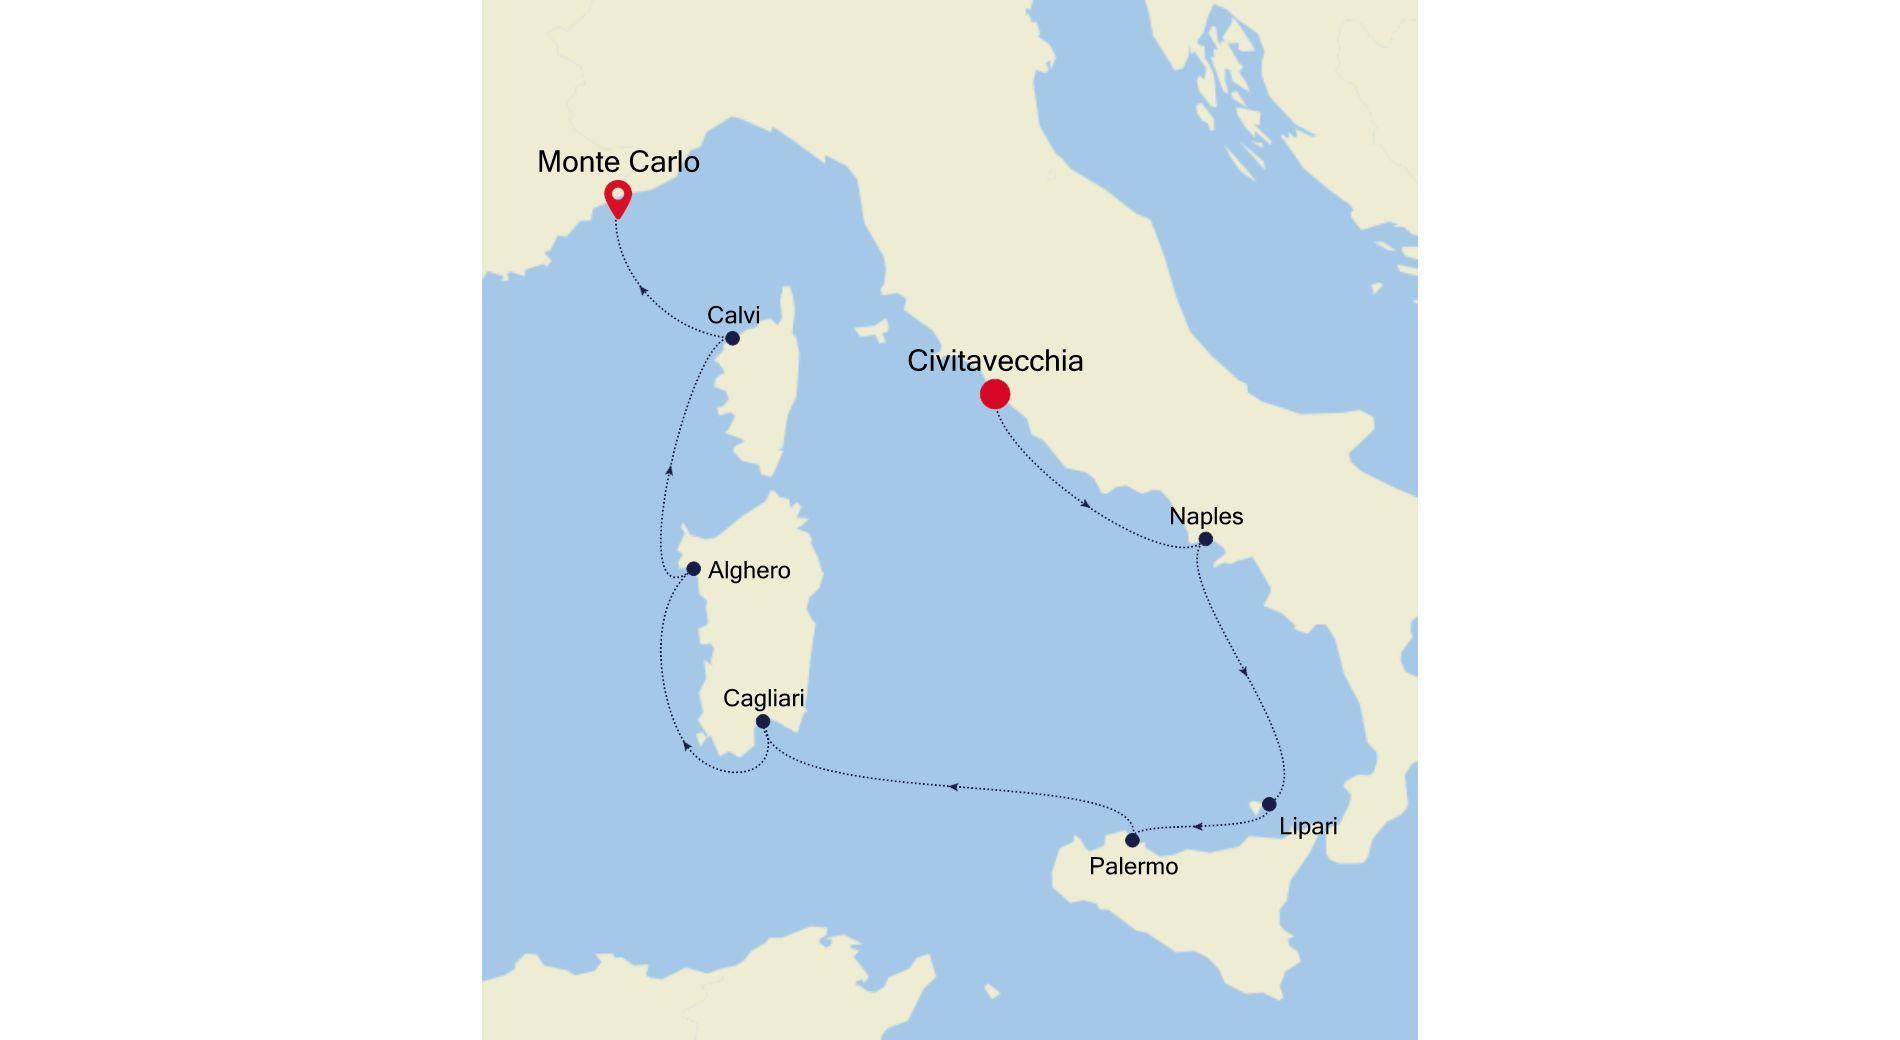 4921 - Civitavecchia nach Monte Carlo